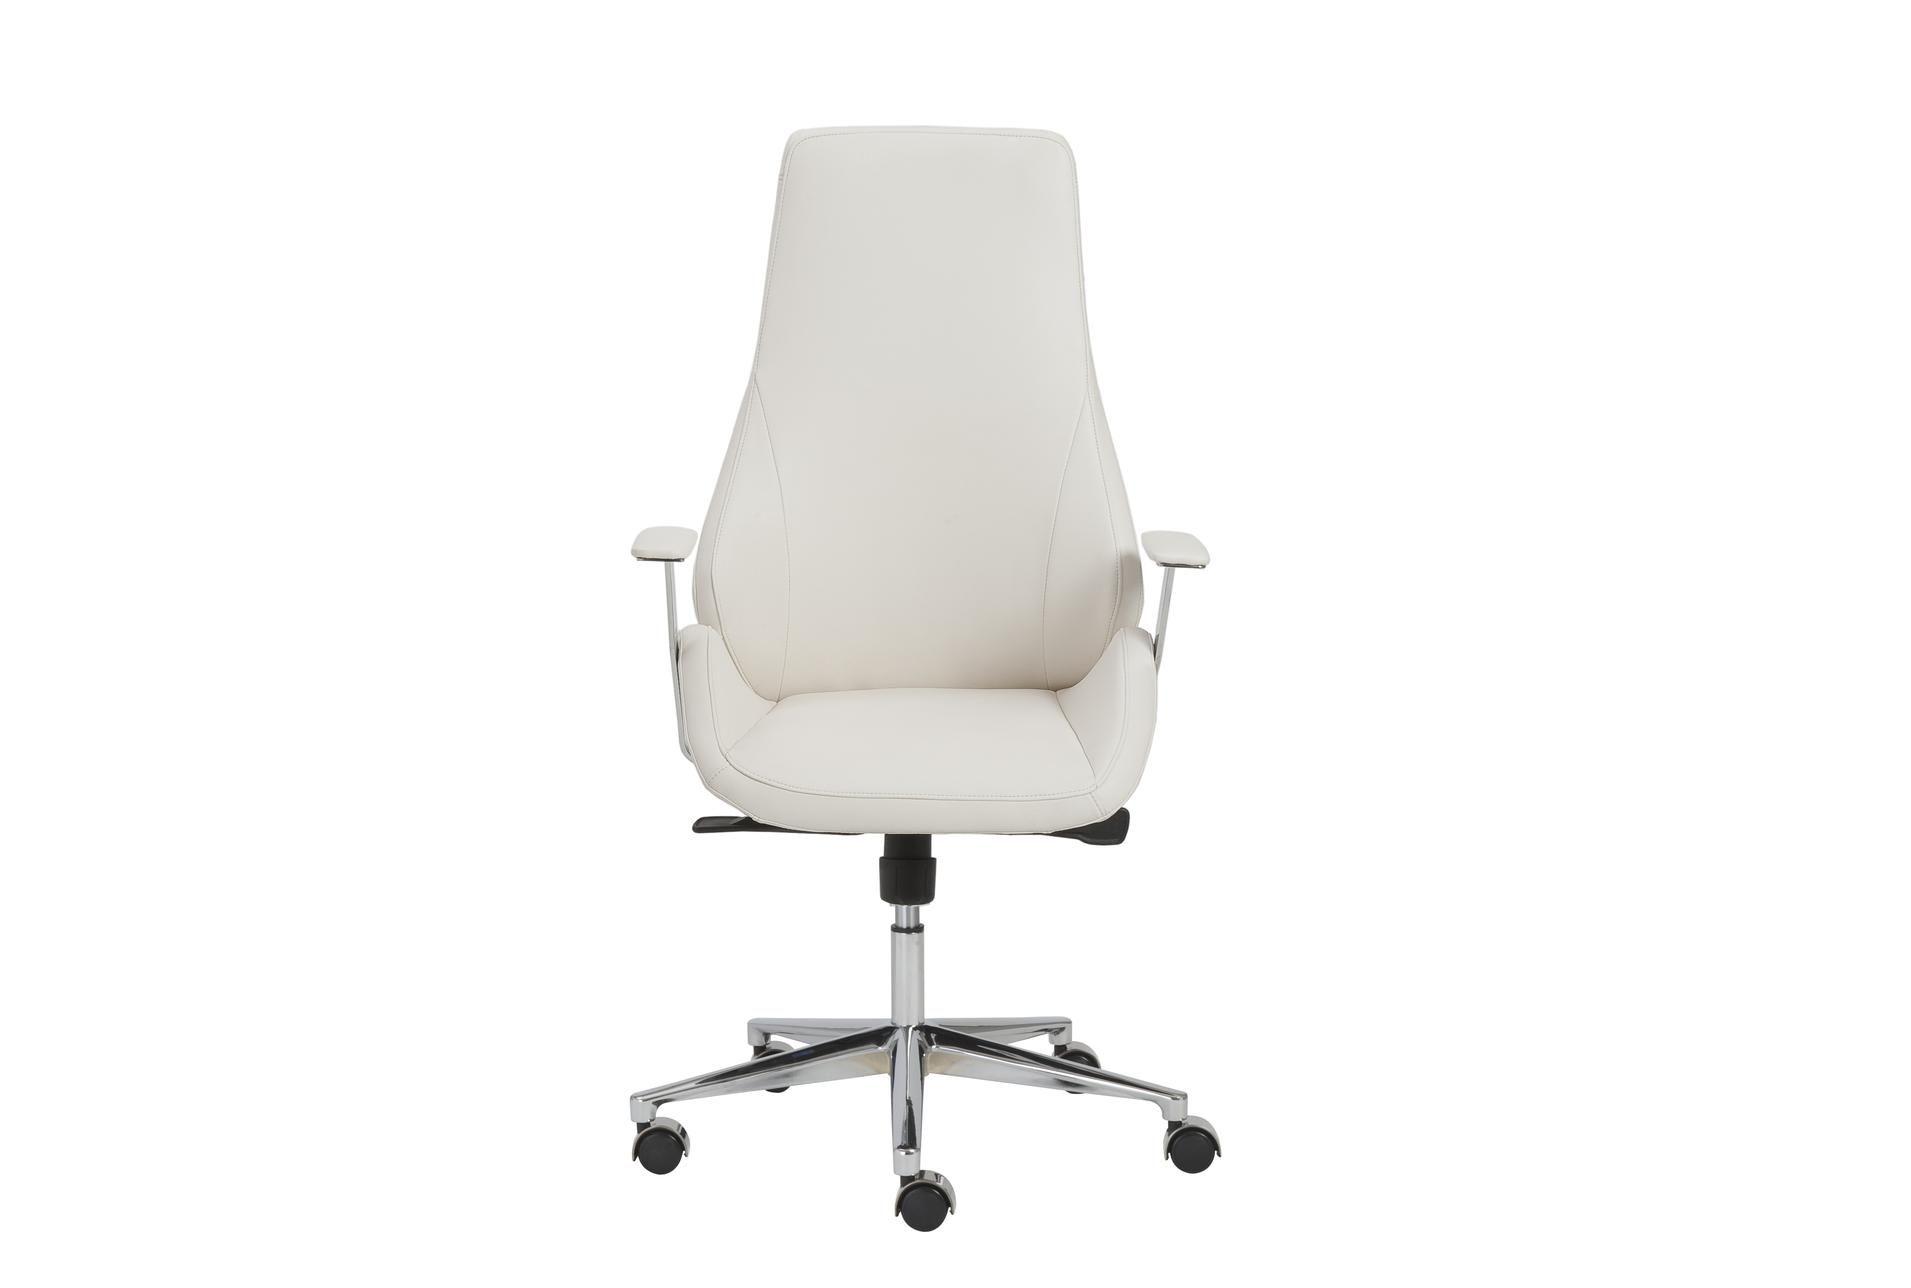 Viborg White Vegan And Chrome High Back Desk Chair - $650